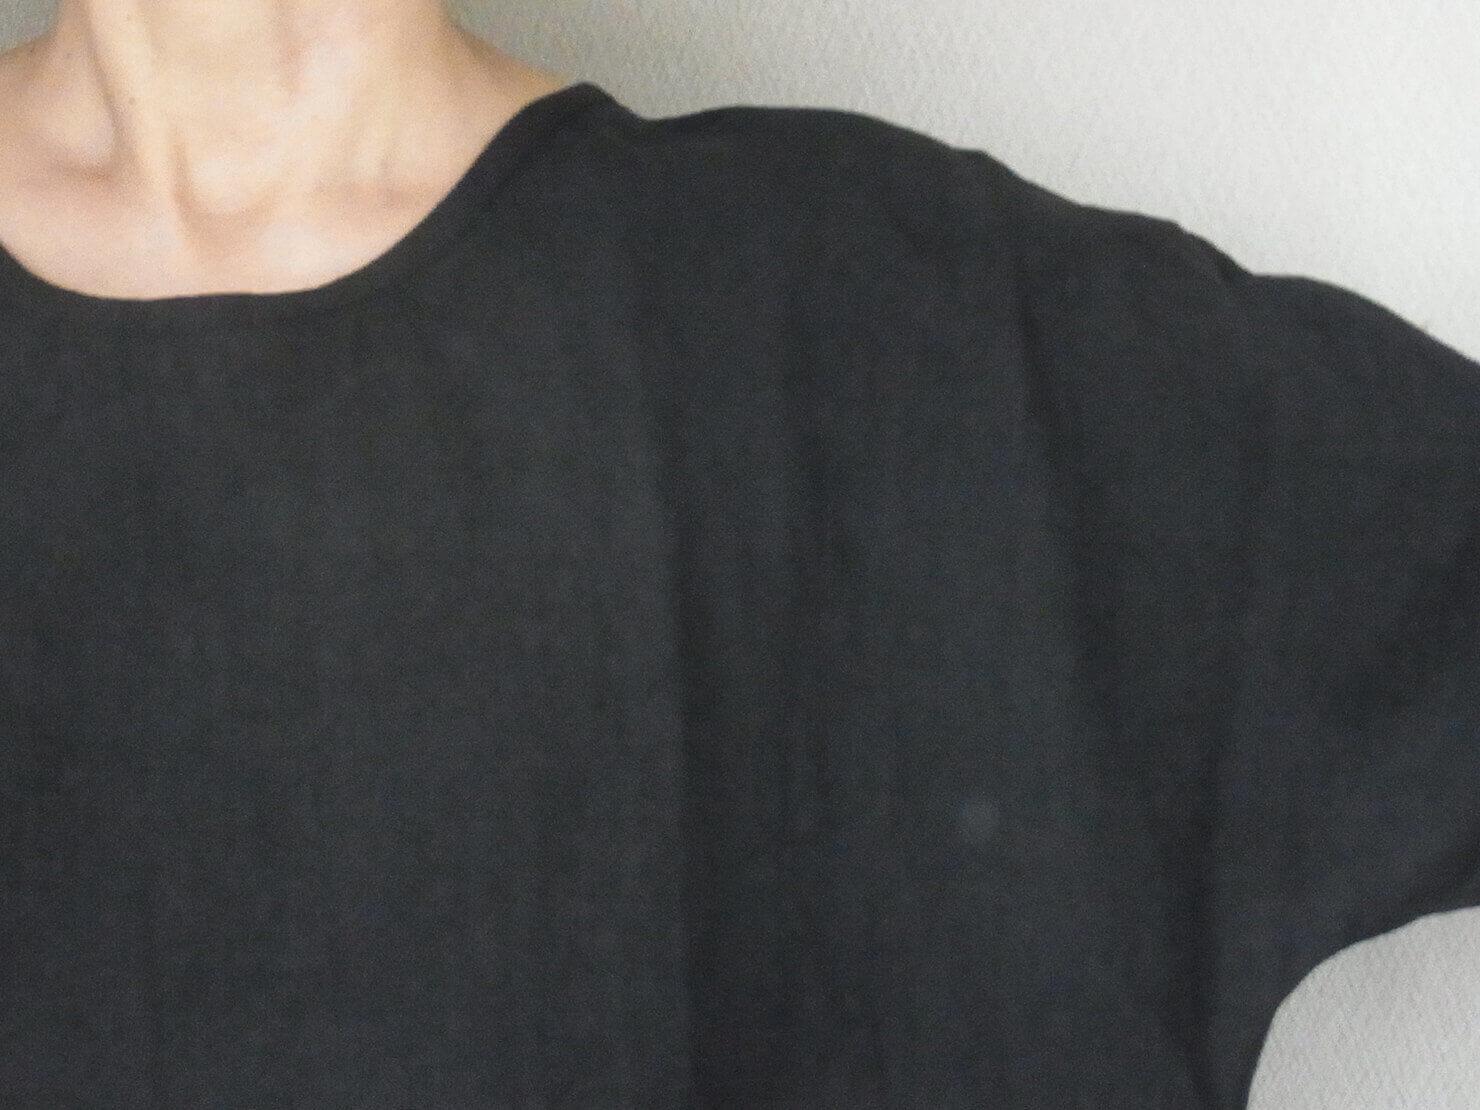 N1 黒リネン長袖ブラウスは肩まわりがゆったりしています